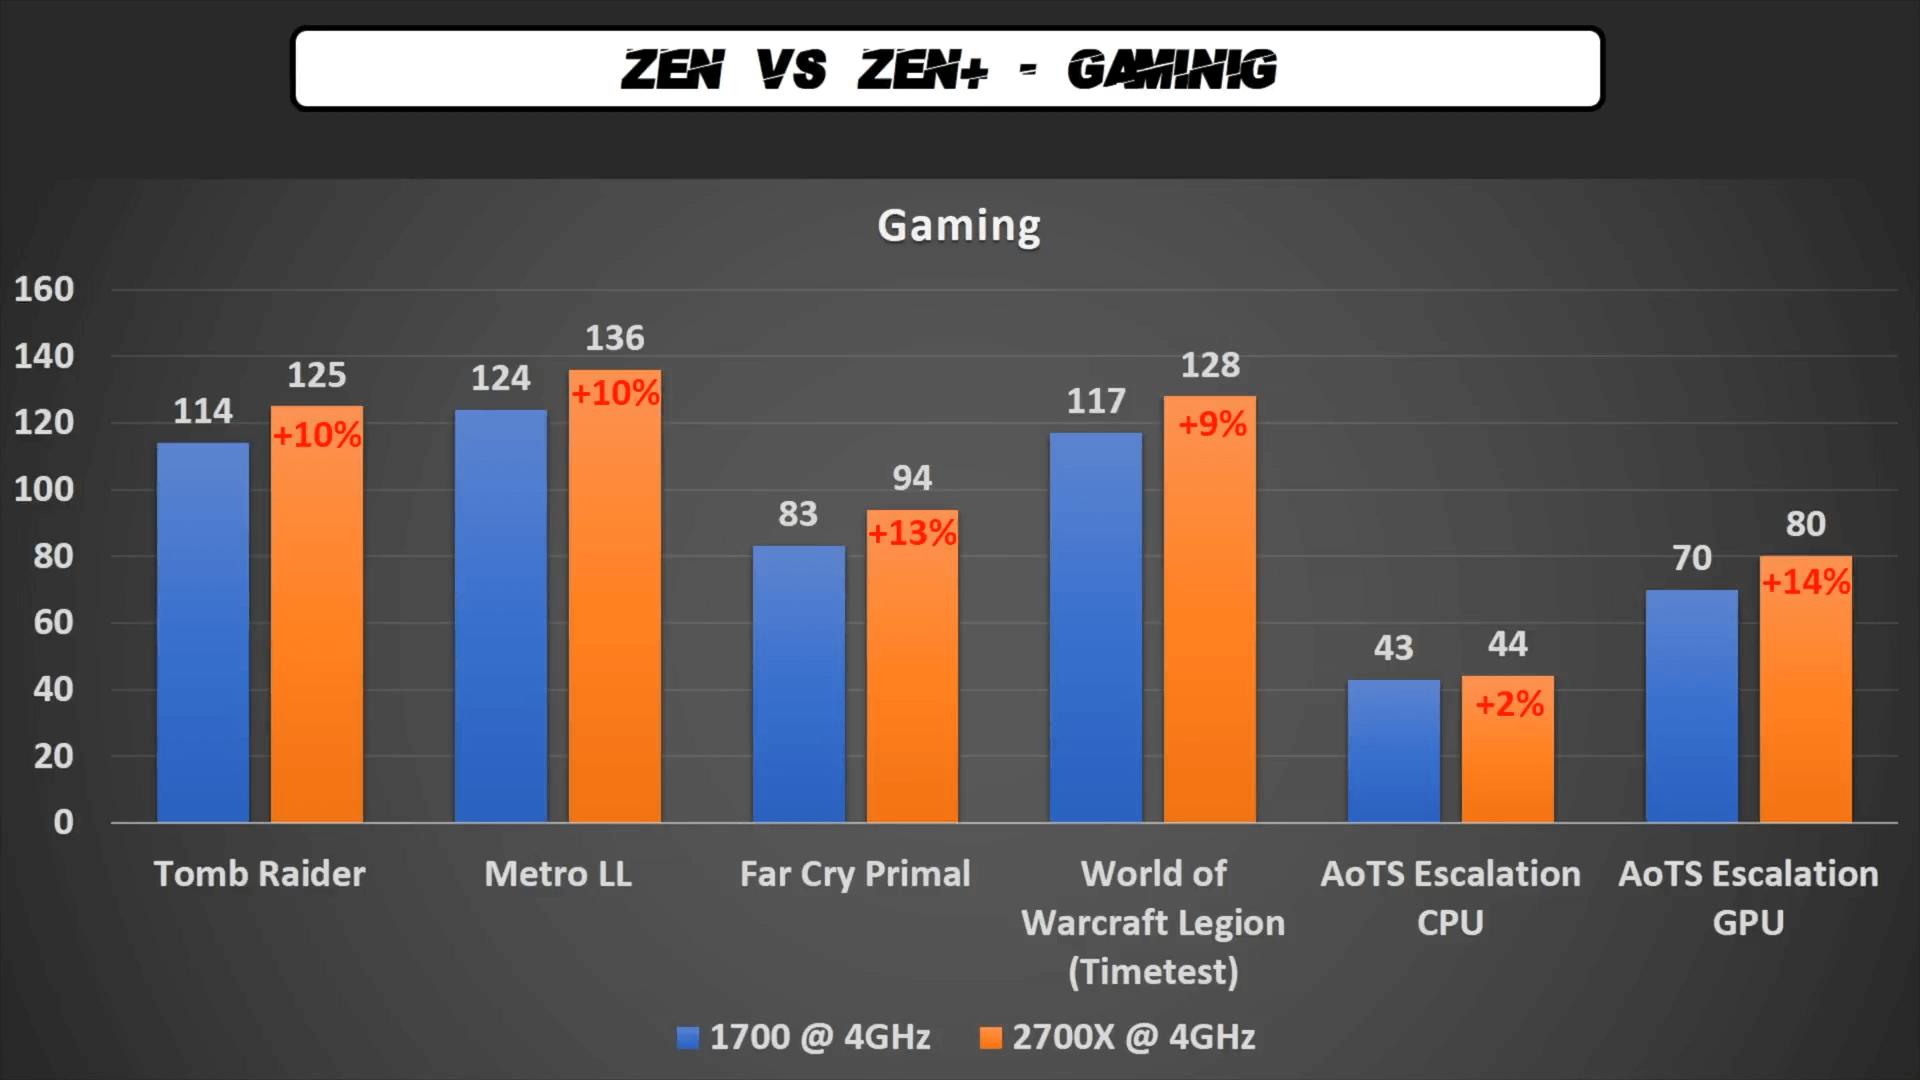 AMD Ryzen 7 2700X is 10% faster than the AMD Ryzen 7 1700 in games